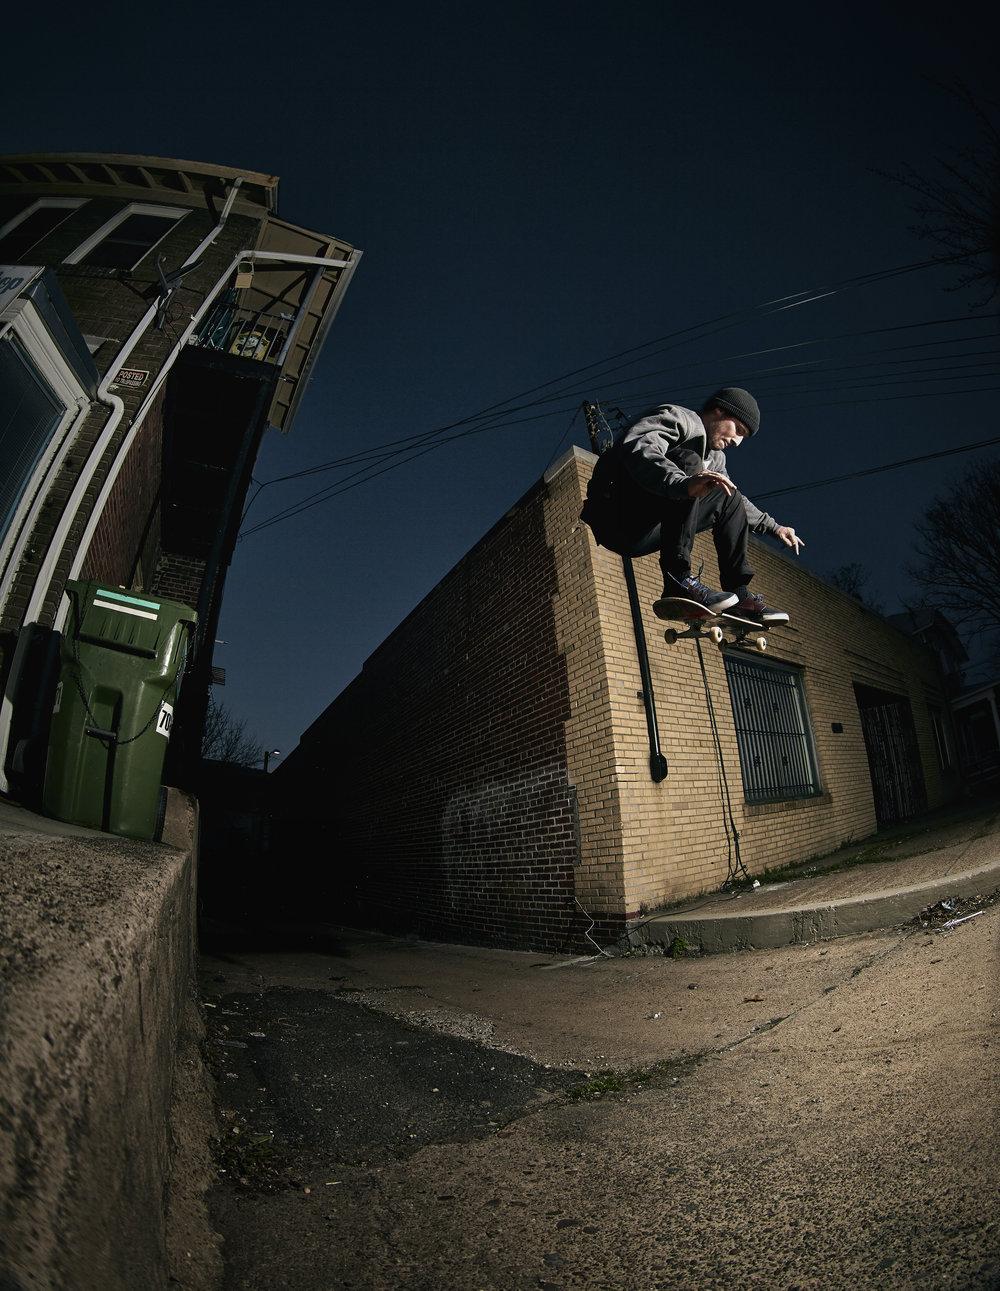 Skateboarding-8.jpg